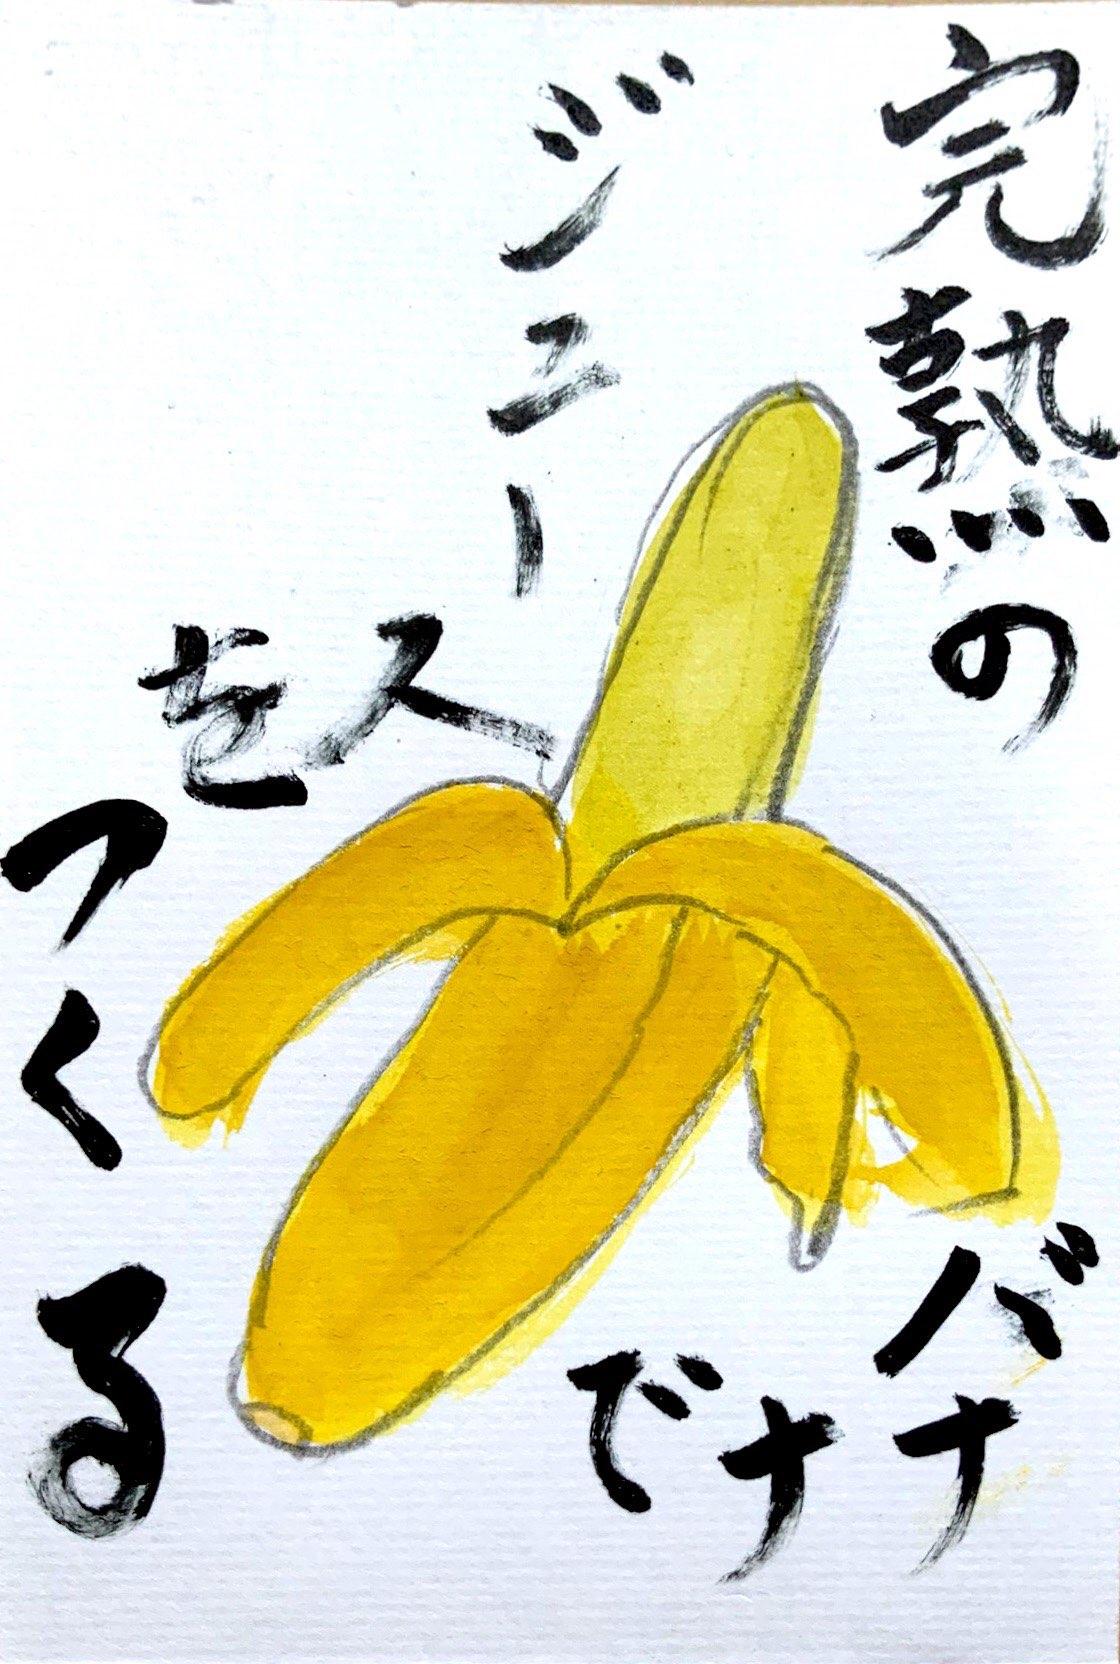 完熟のバナナでジュースをつくる